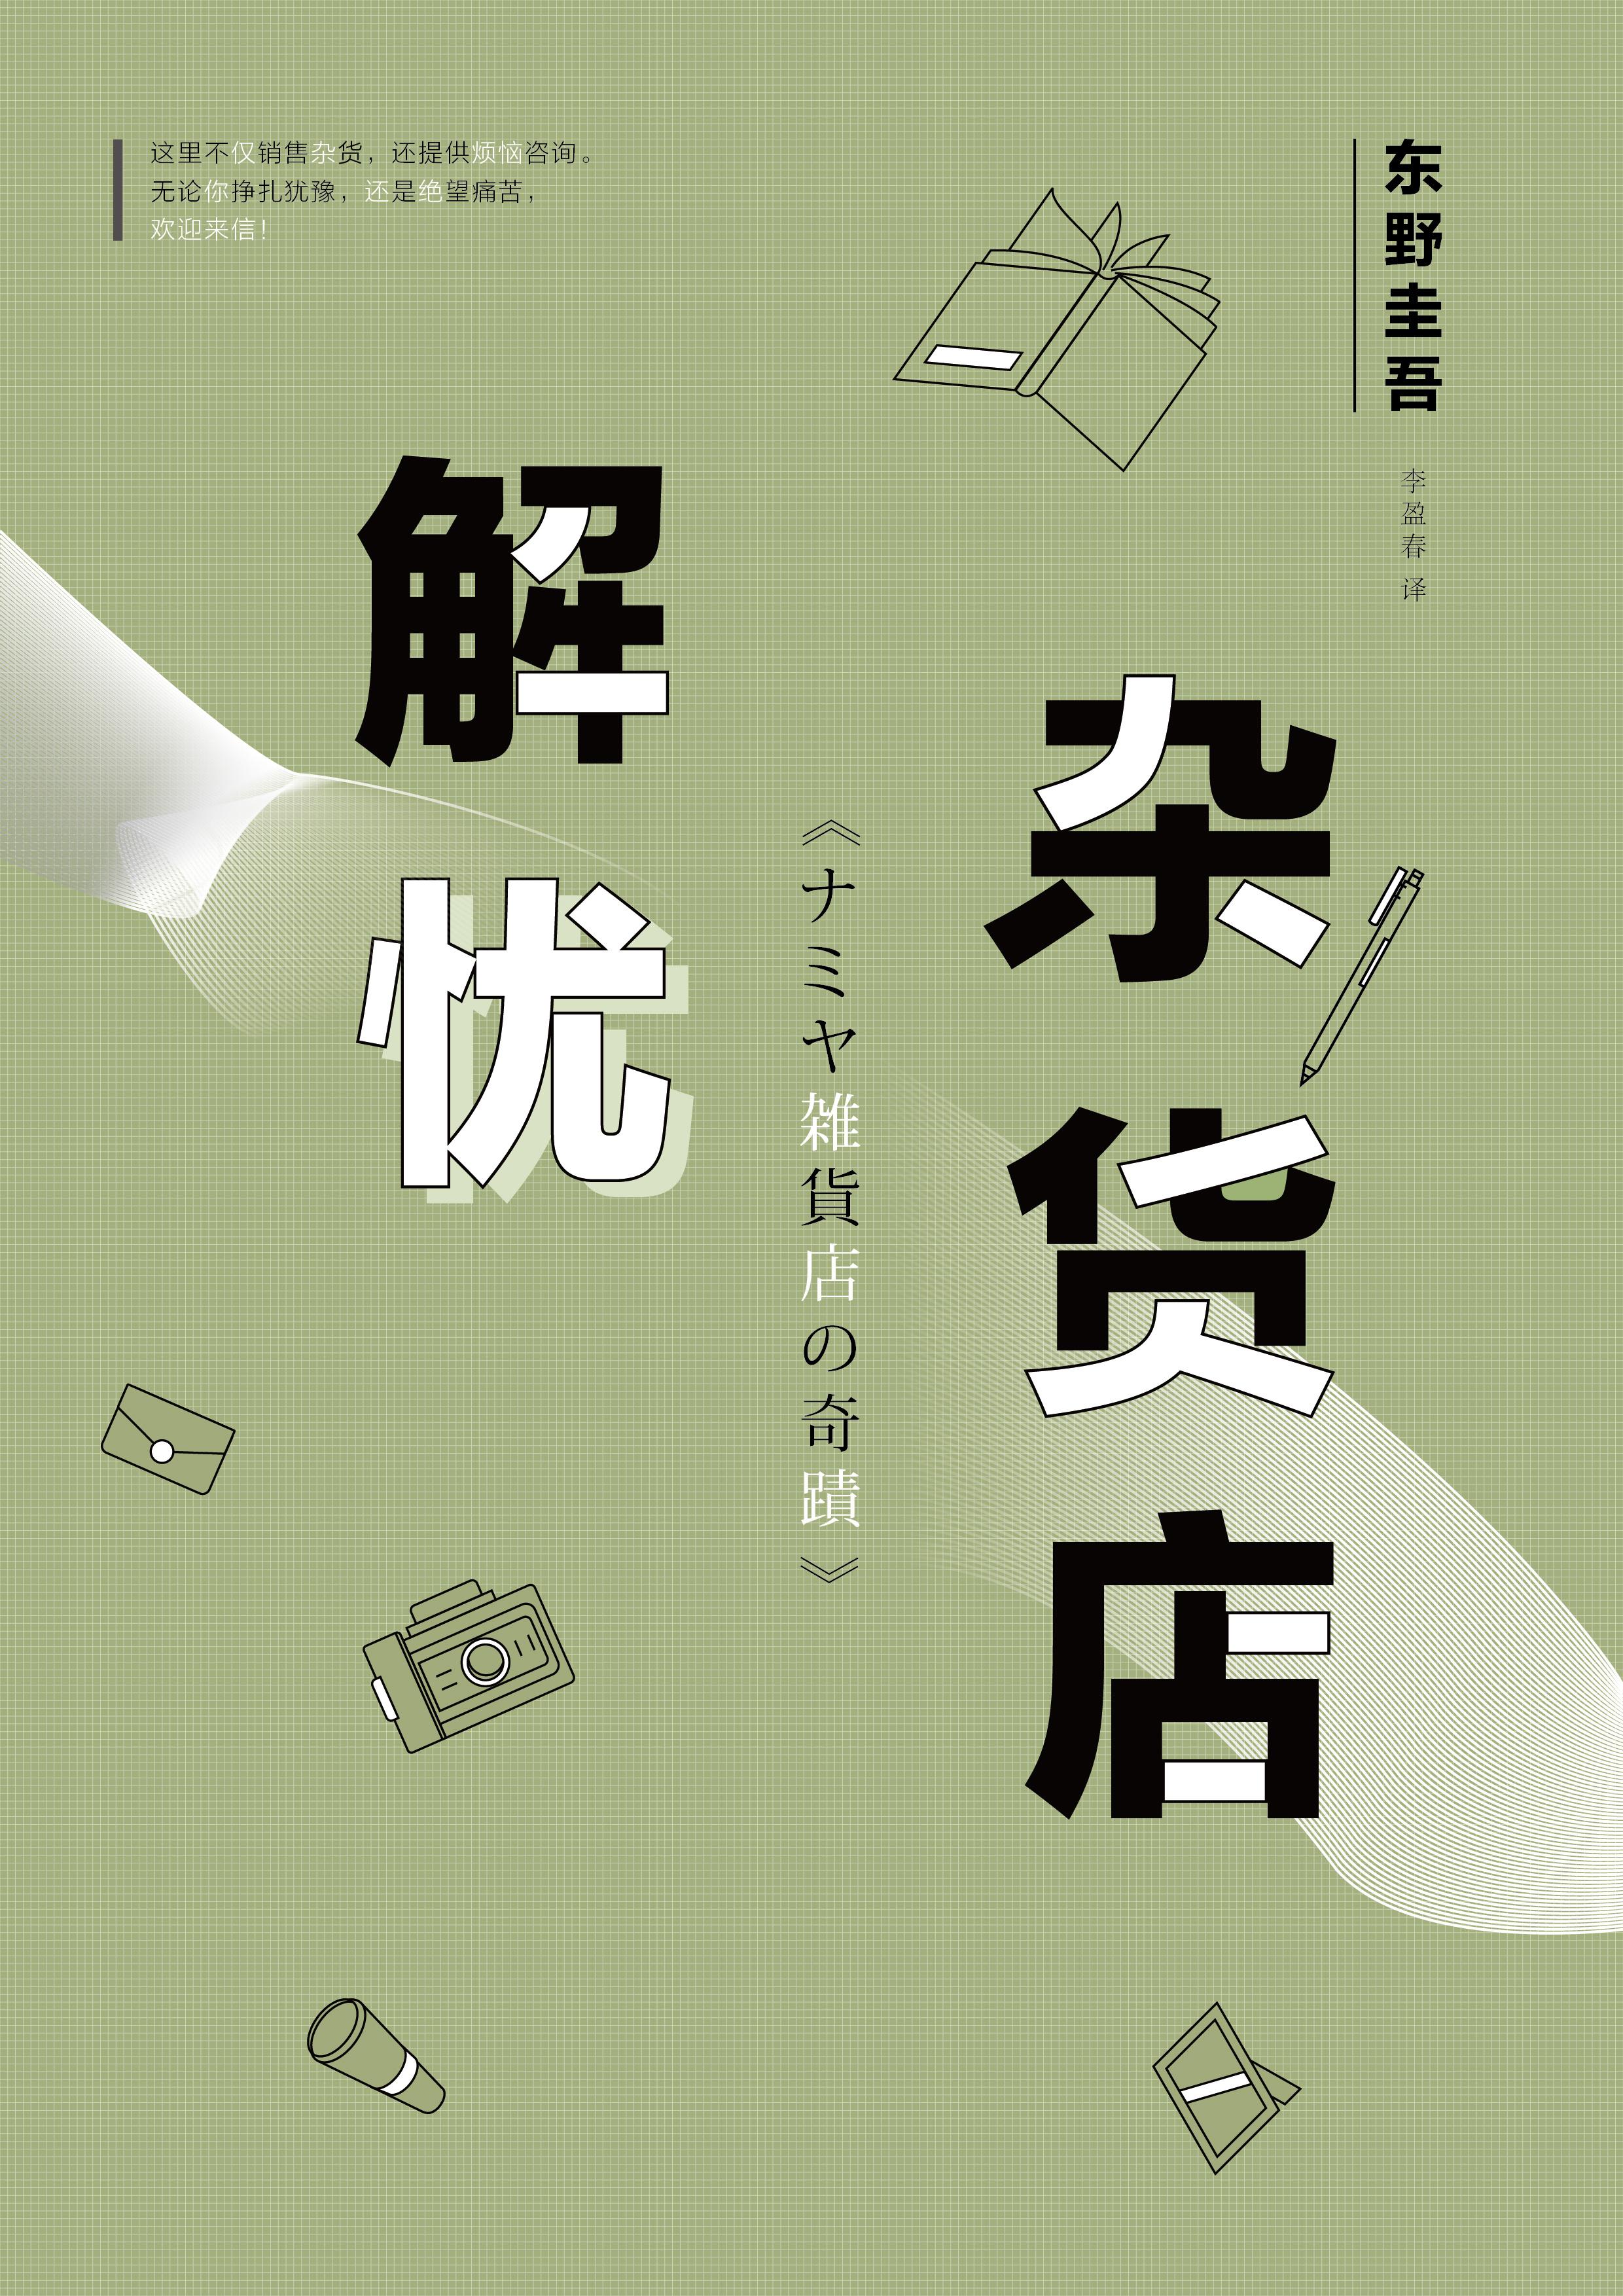 封面练习-《解忧杂货店》|平面|书装/画册|无聊派的手